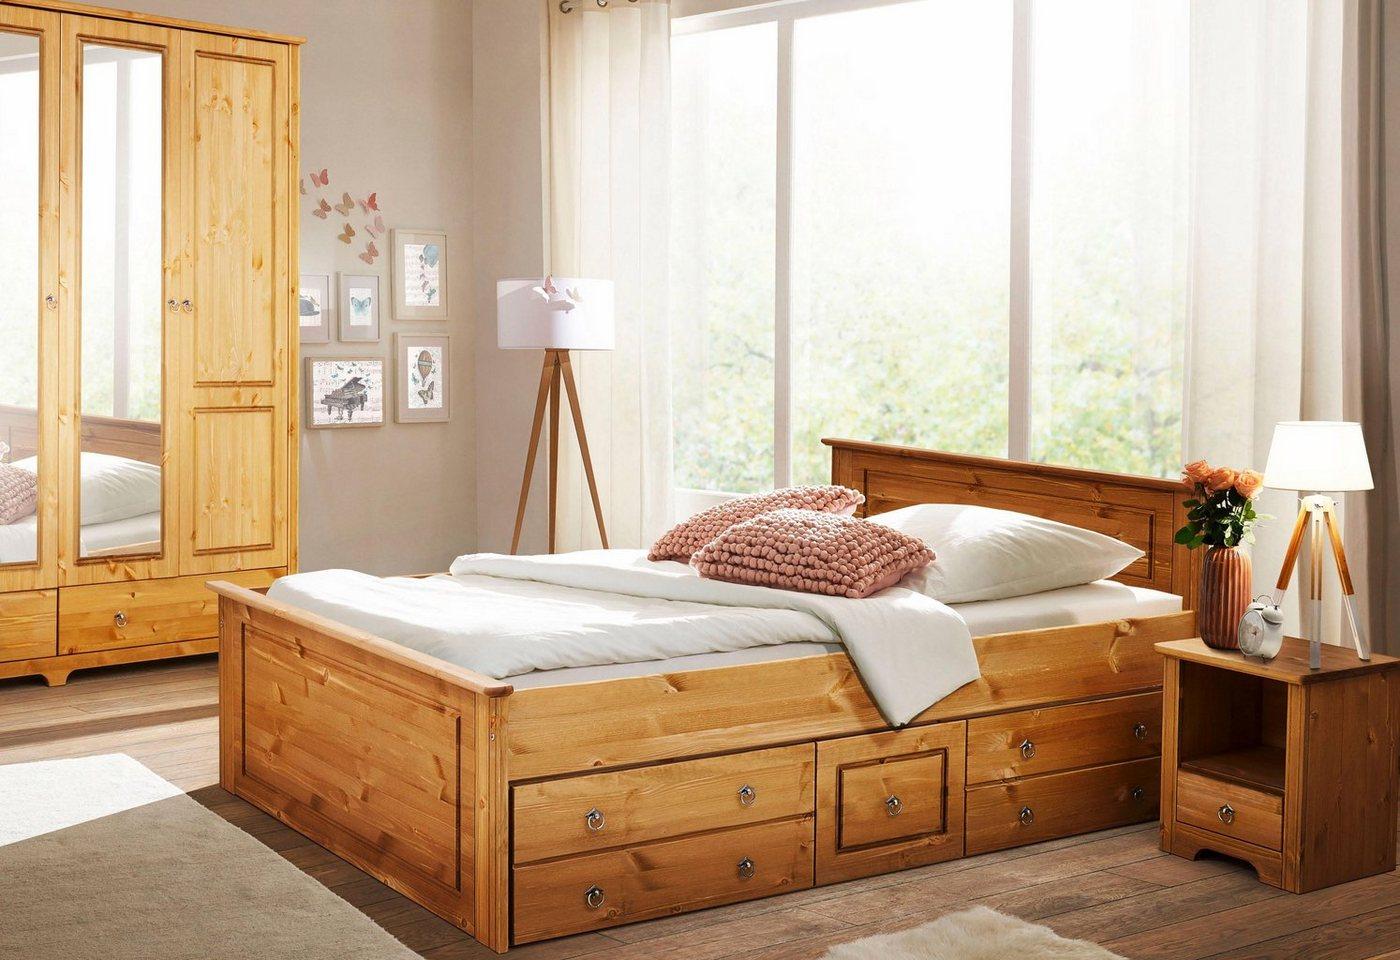 HOME AFFAIRE slaapkamerserie Hugo (3-dlg.), ledikant 140 cm, 2-deurs garderobekast en nachtkastje